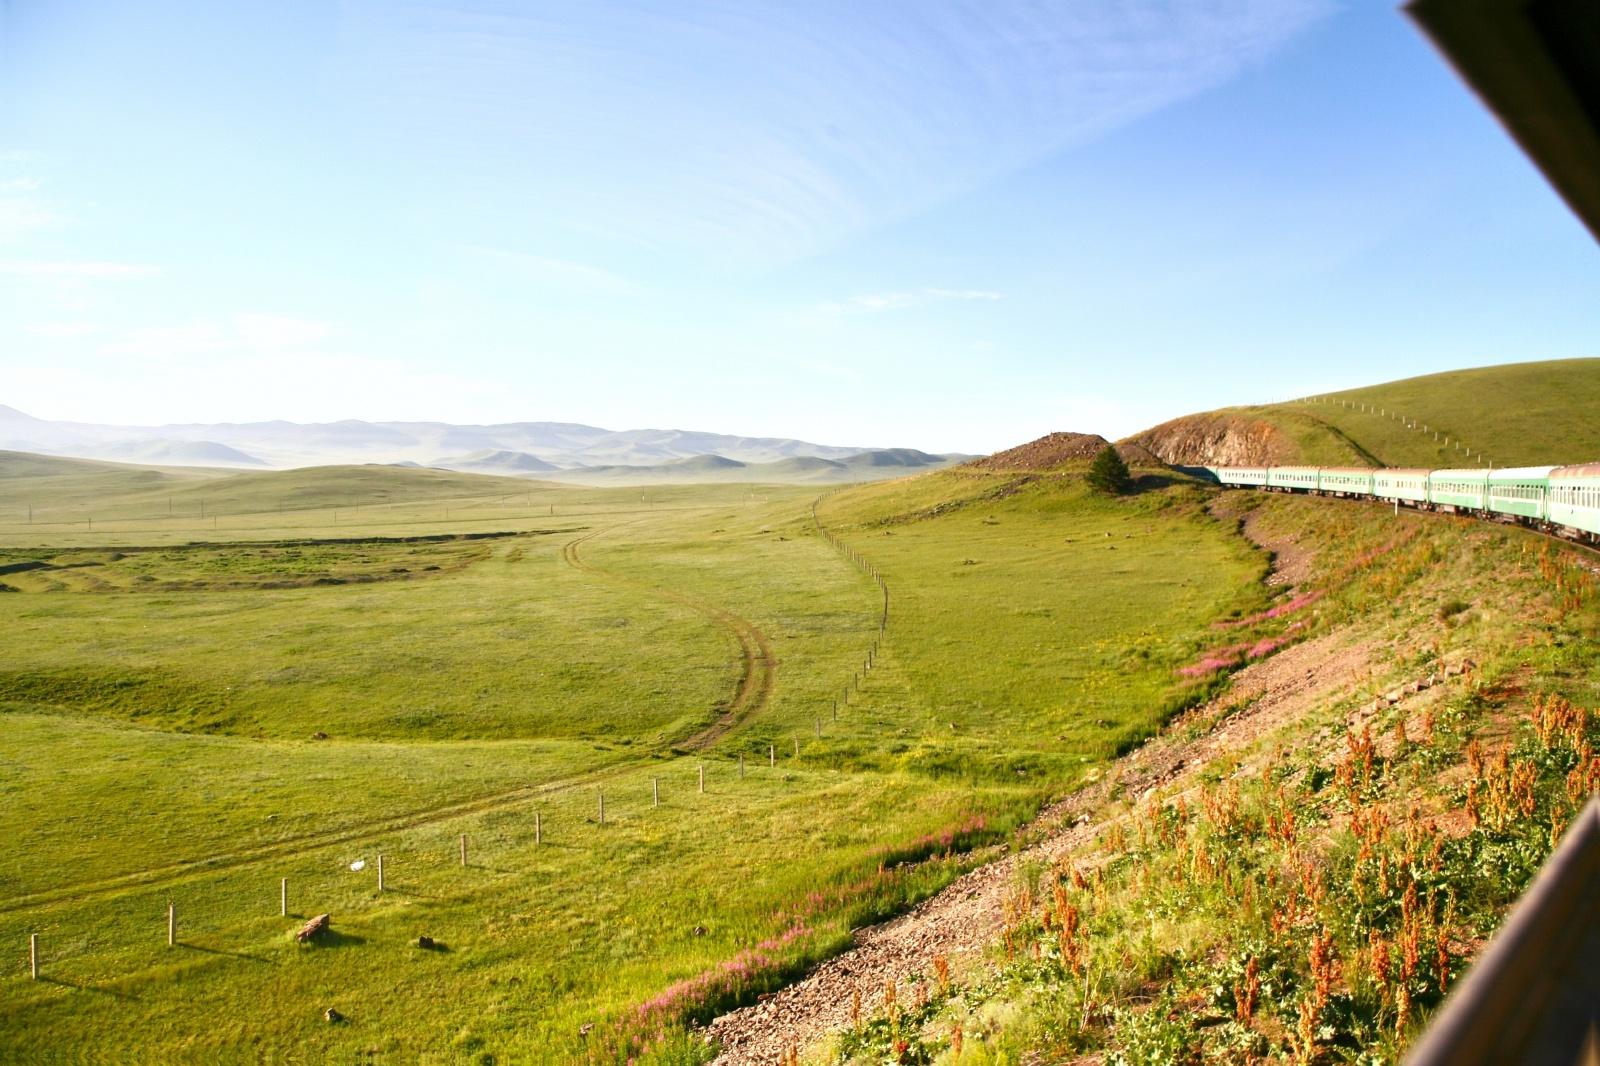 シベリア鉄道の車窓から眺める風景